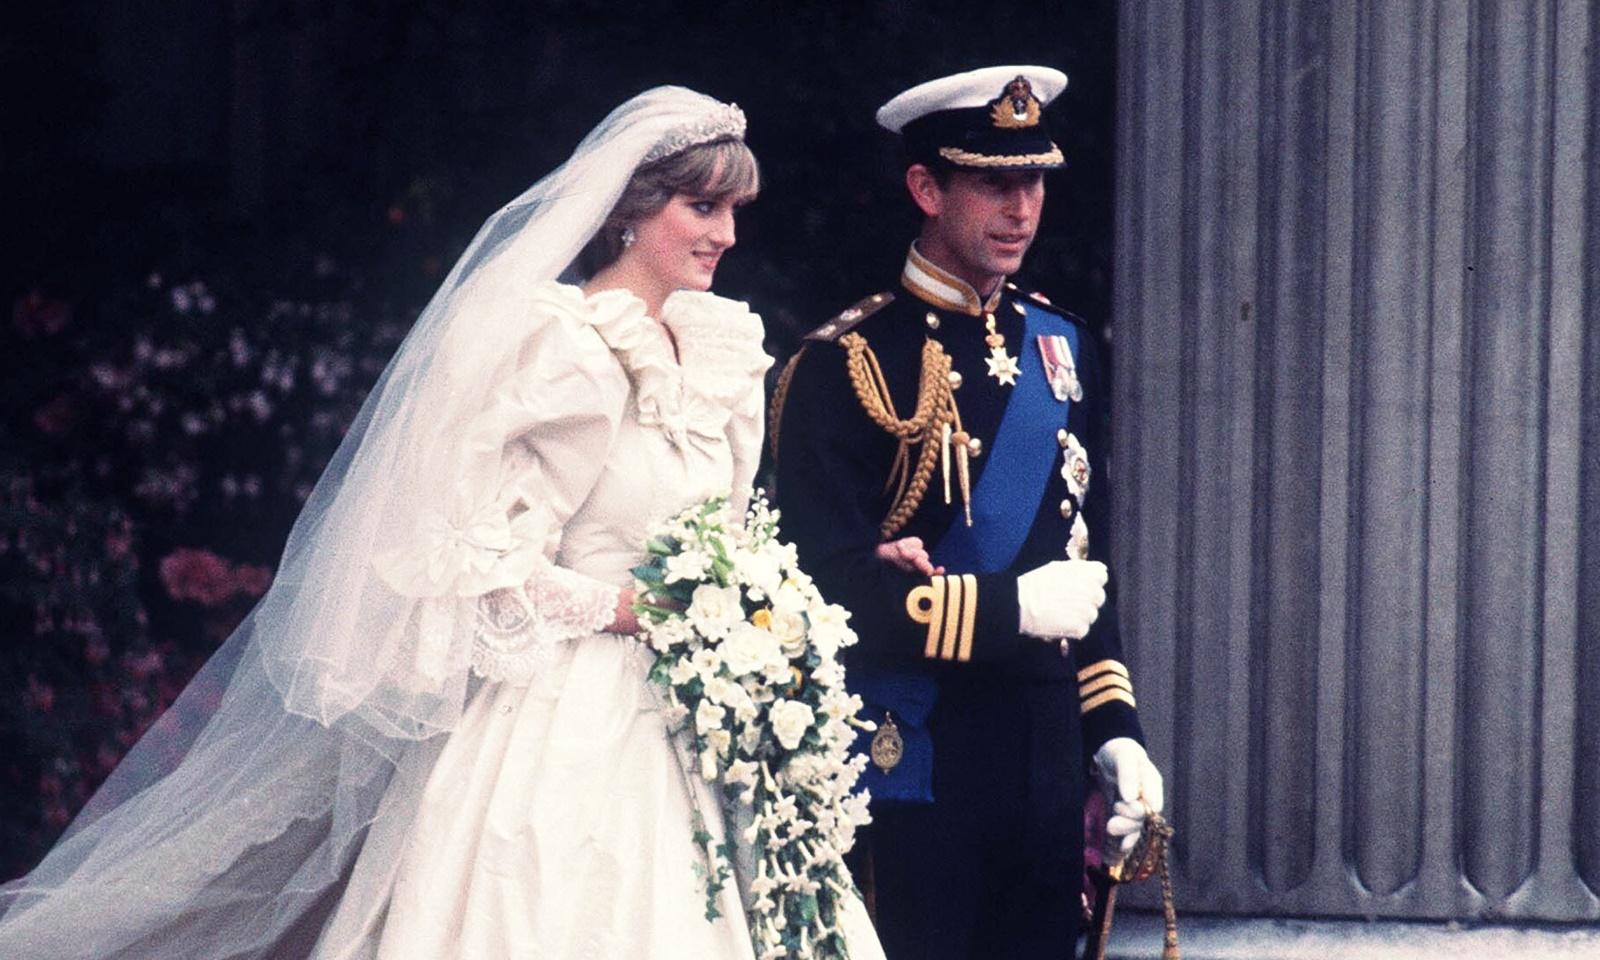 Bạn có biết: những hương nước hoa được chọn trong các đám cưới nổi tiếng nhất của hoàng gia Anh